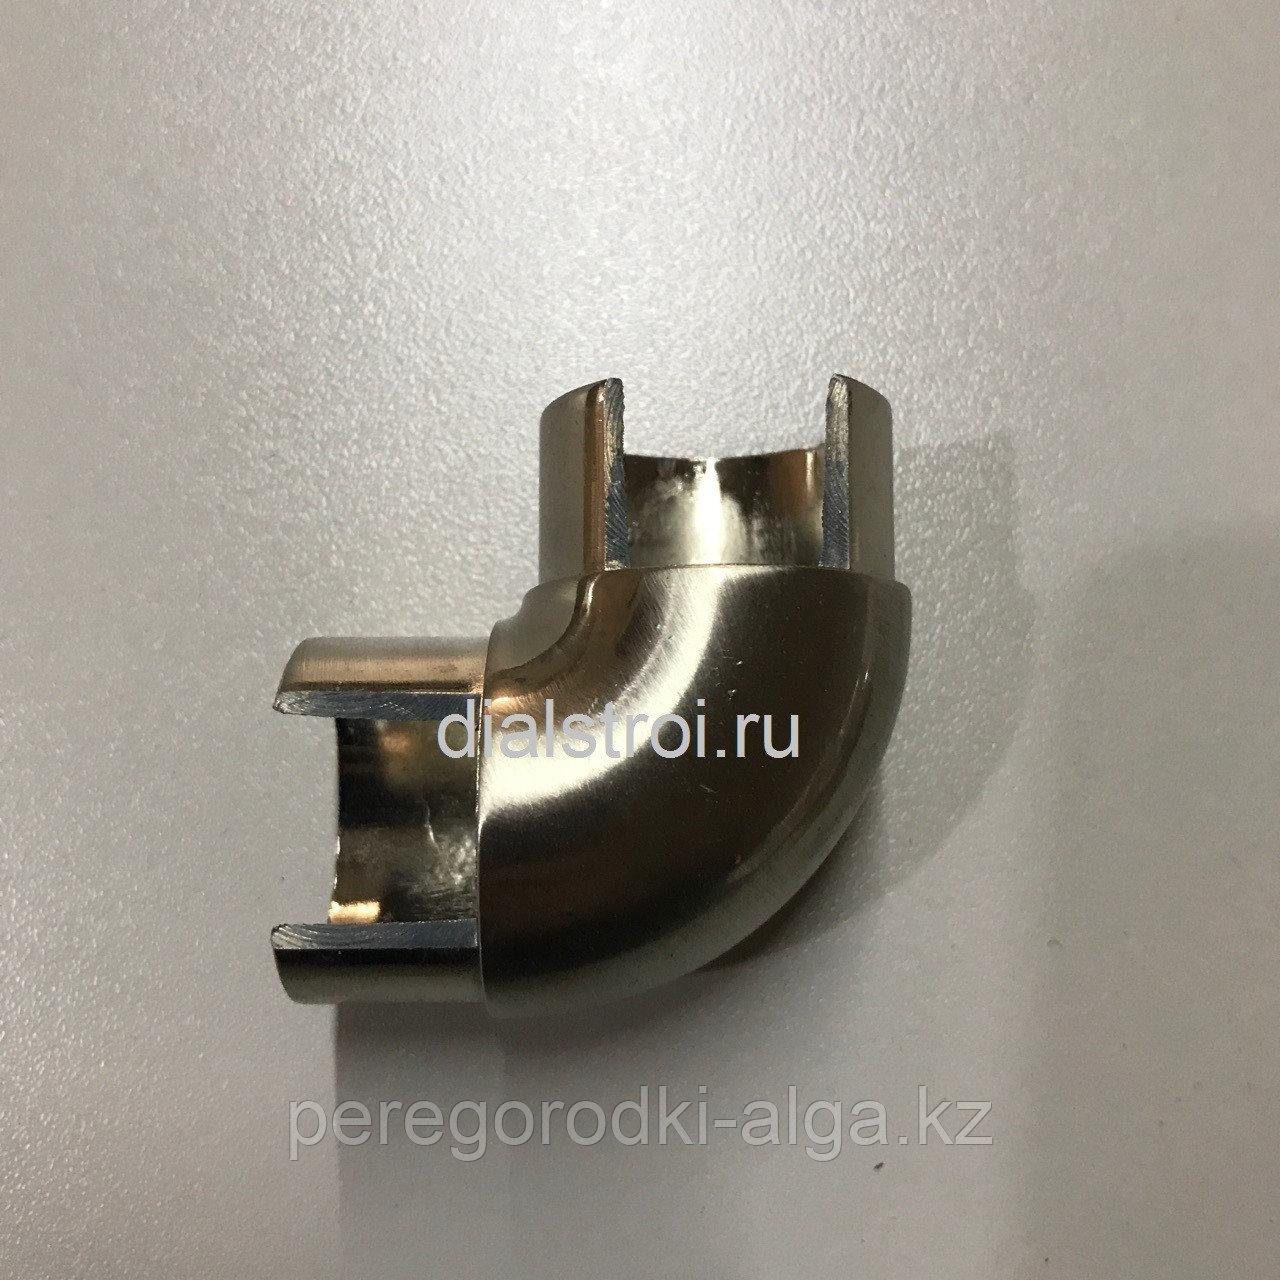 Угловой элемент для трубы (фурнитура для HPL пластика)